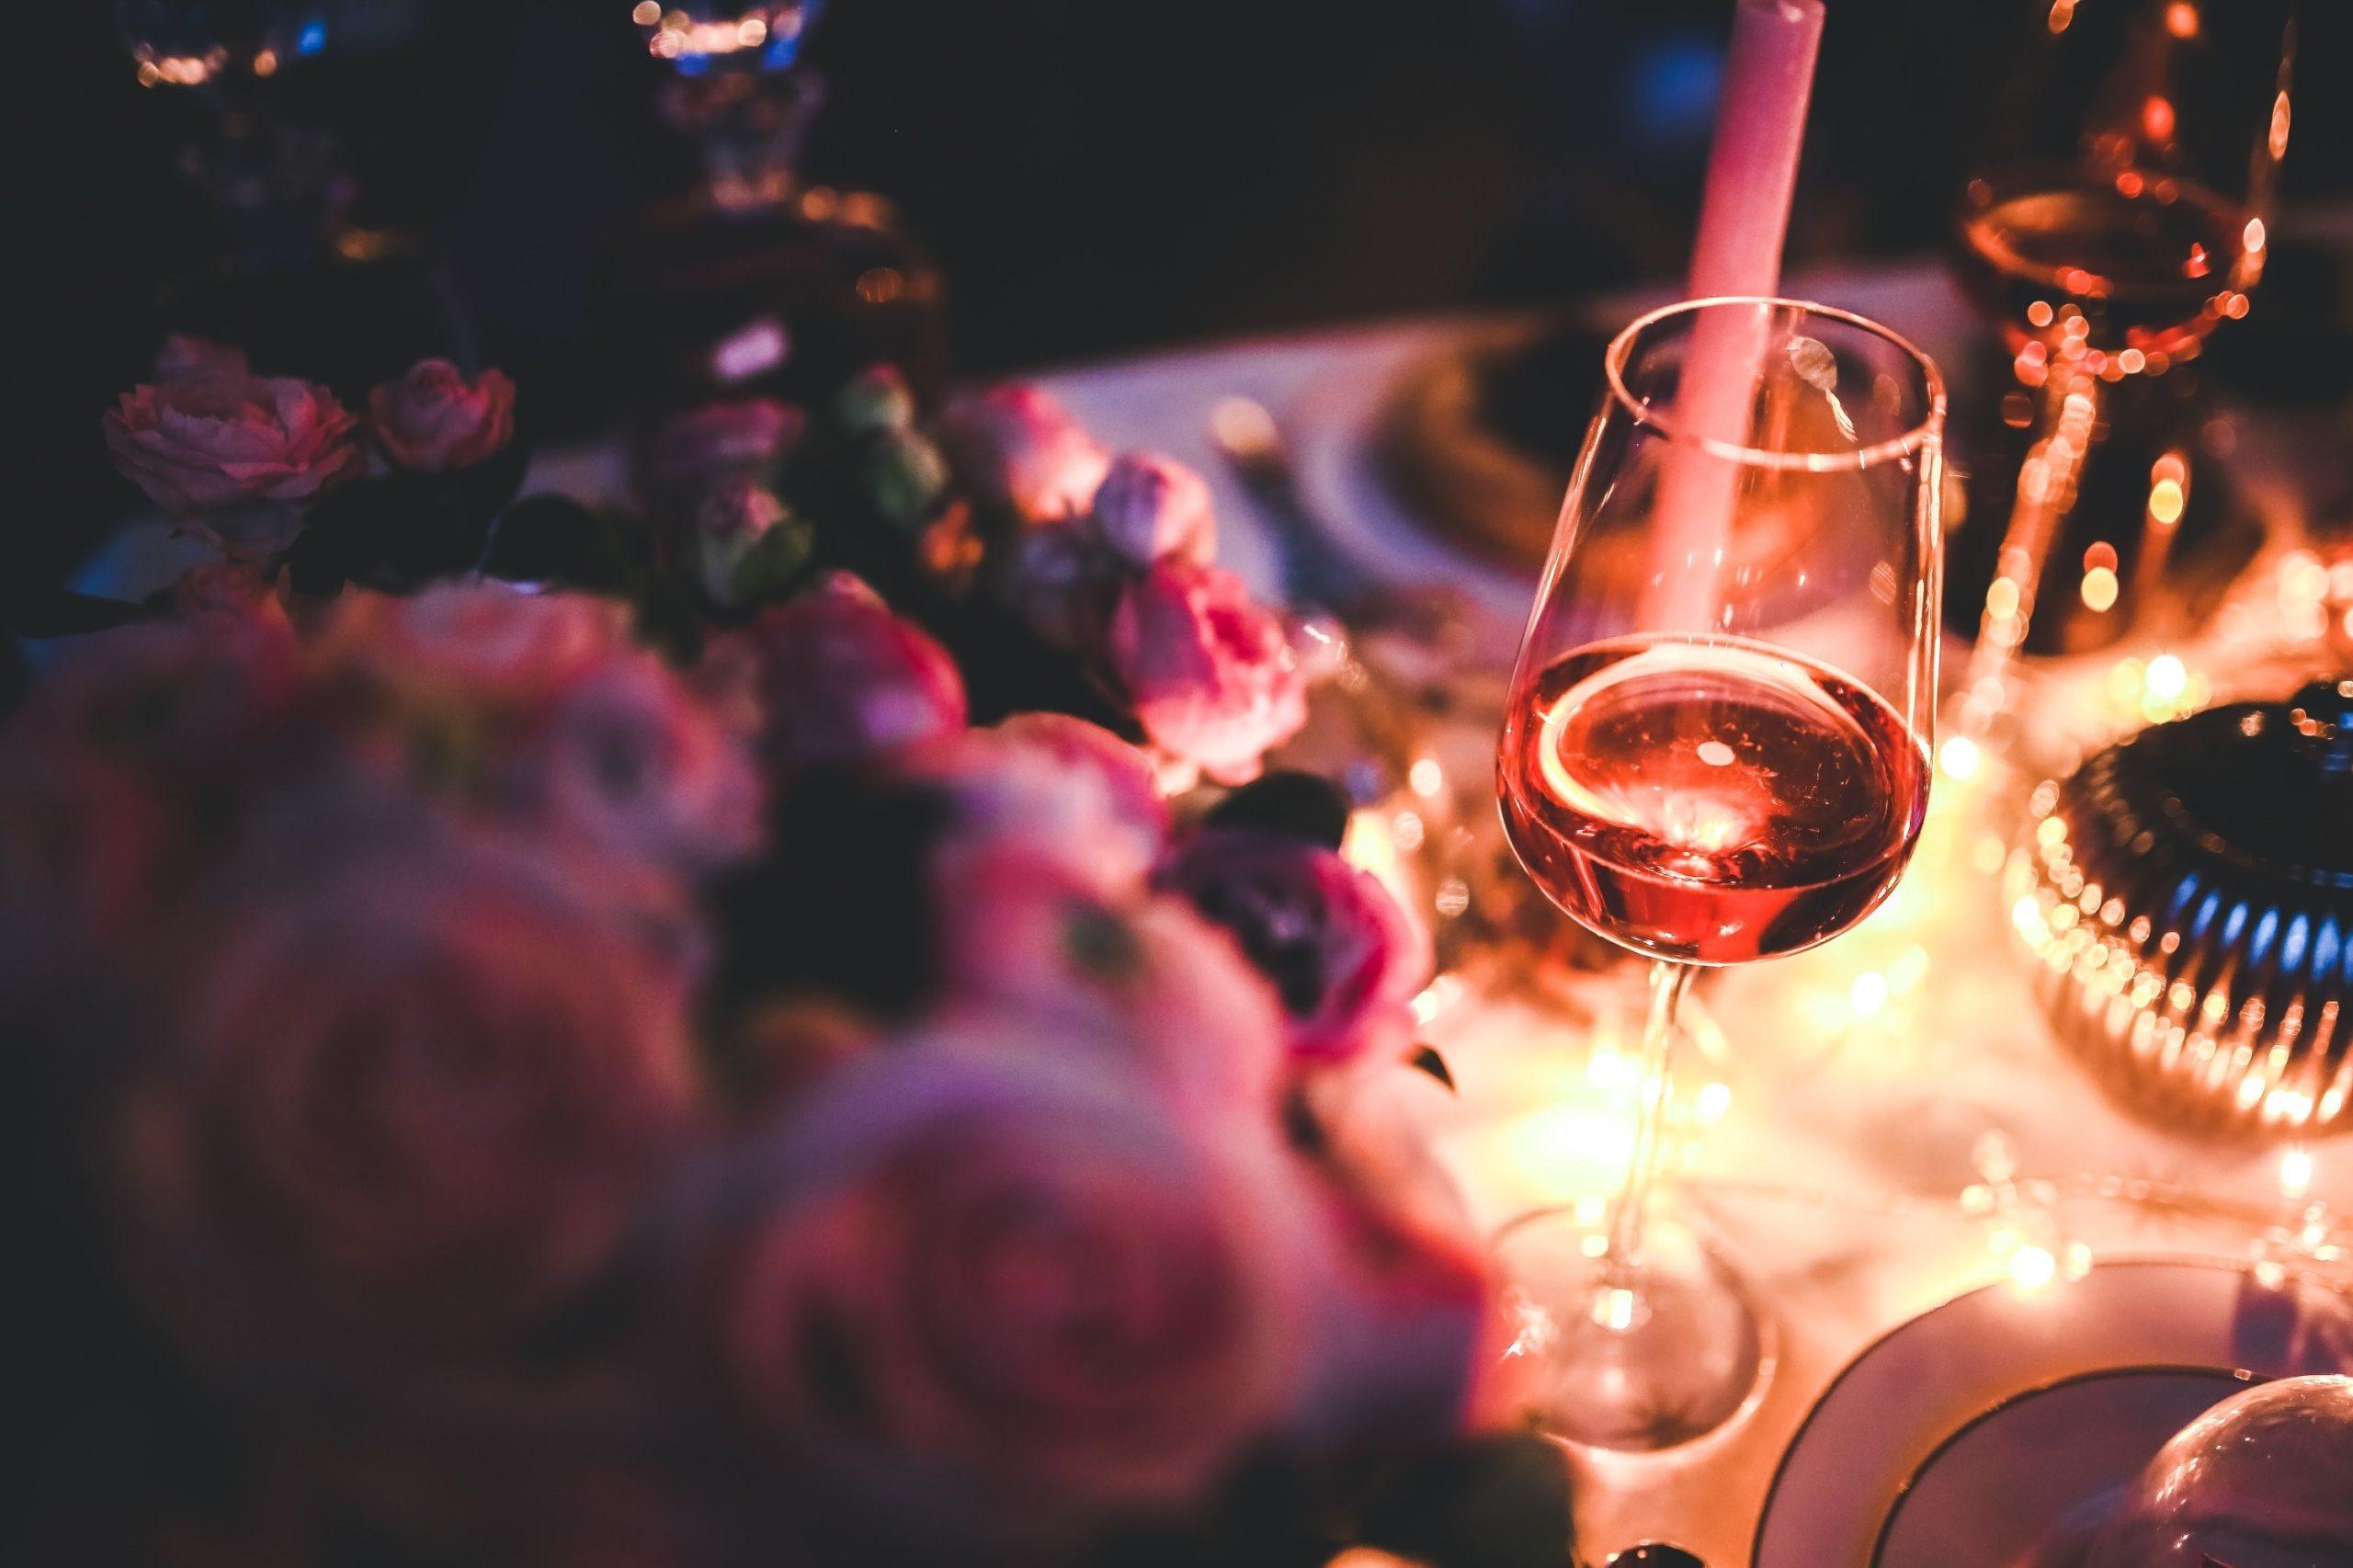 Atmosphère romantique.